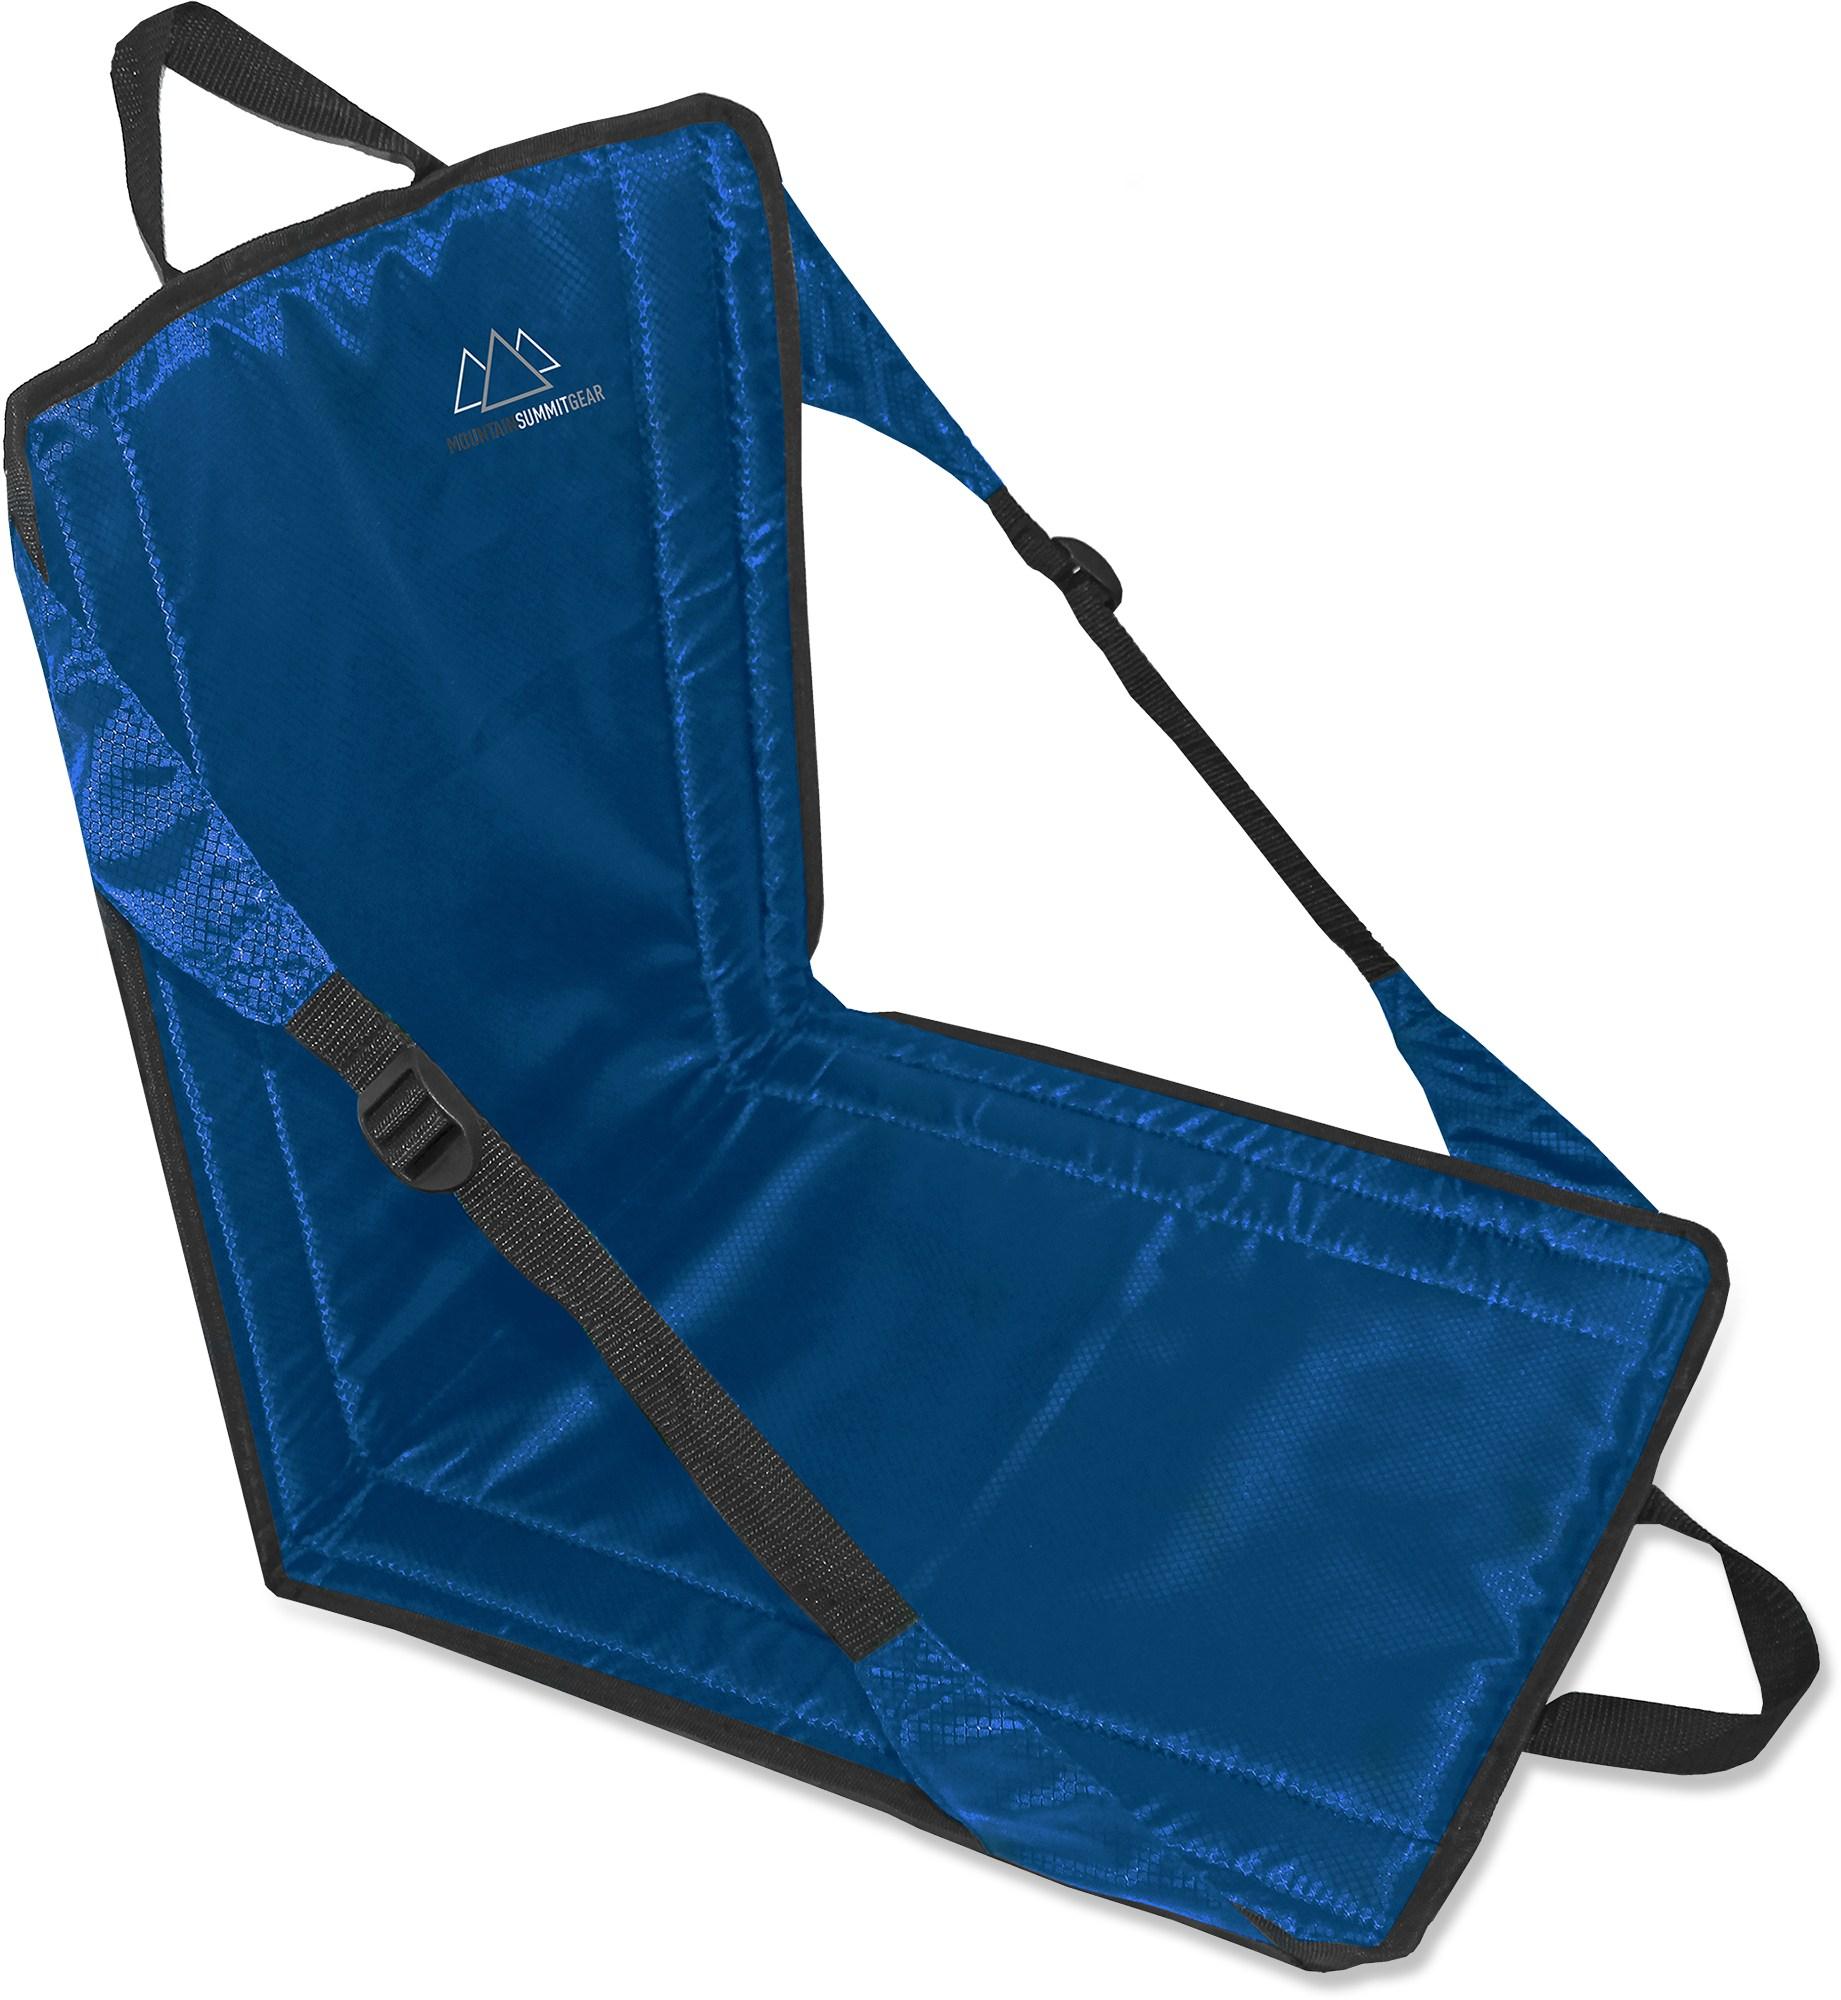 Stadium Seats Product : Stadium seat mountain summit gear